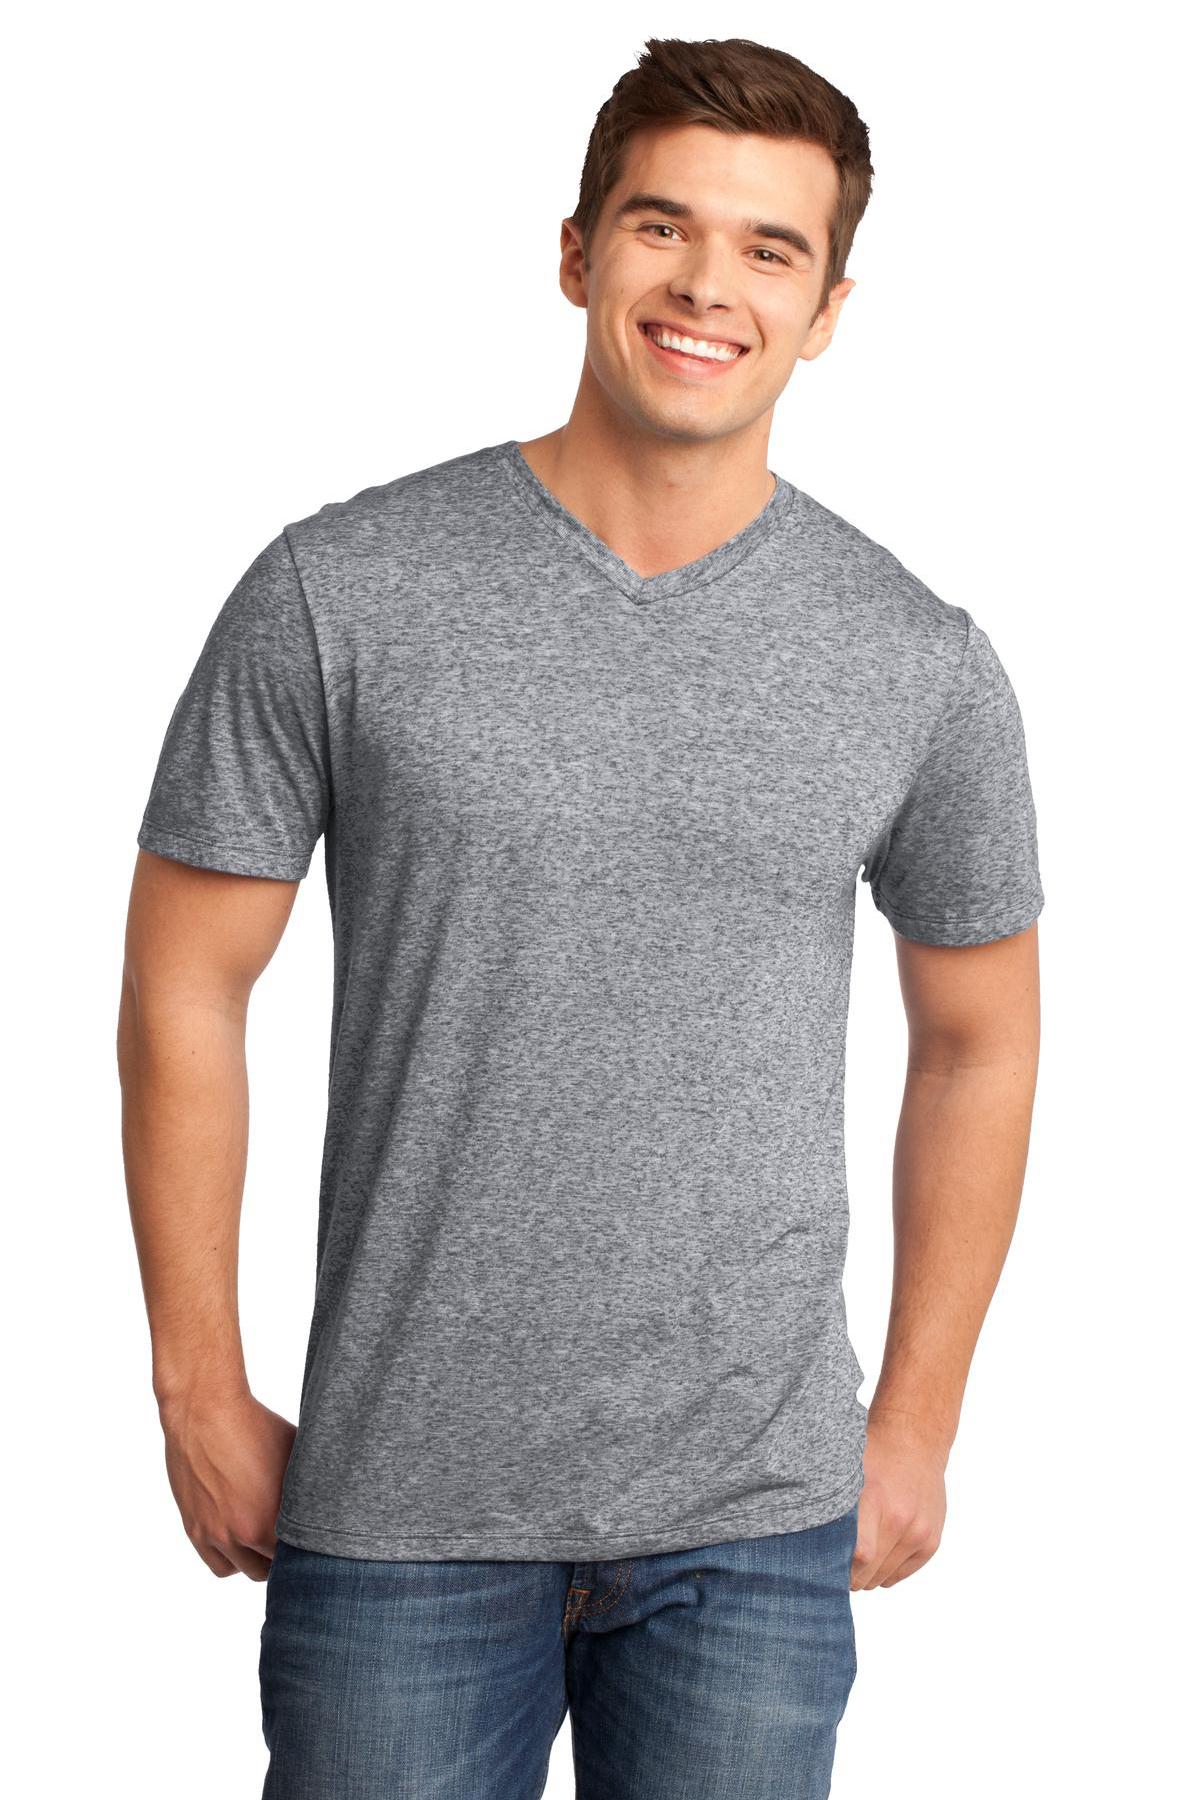 T-Shirts-Juniors-Young-Men-9